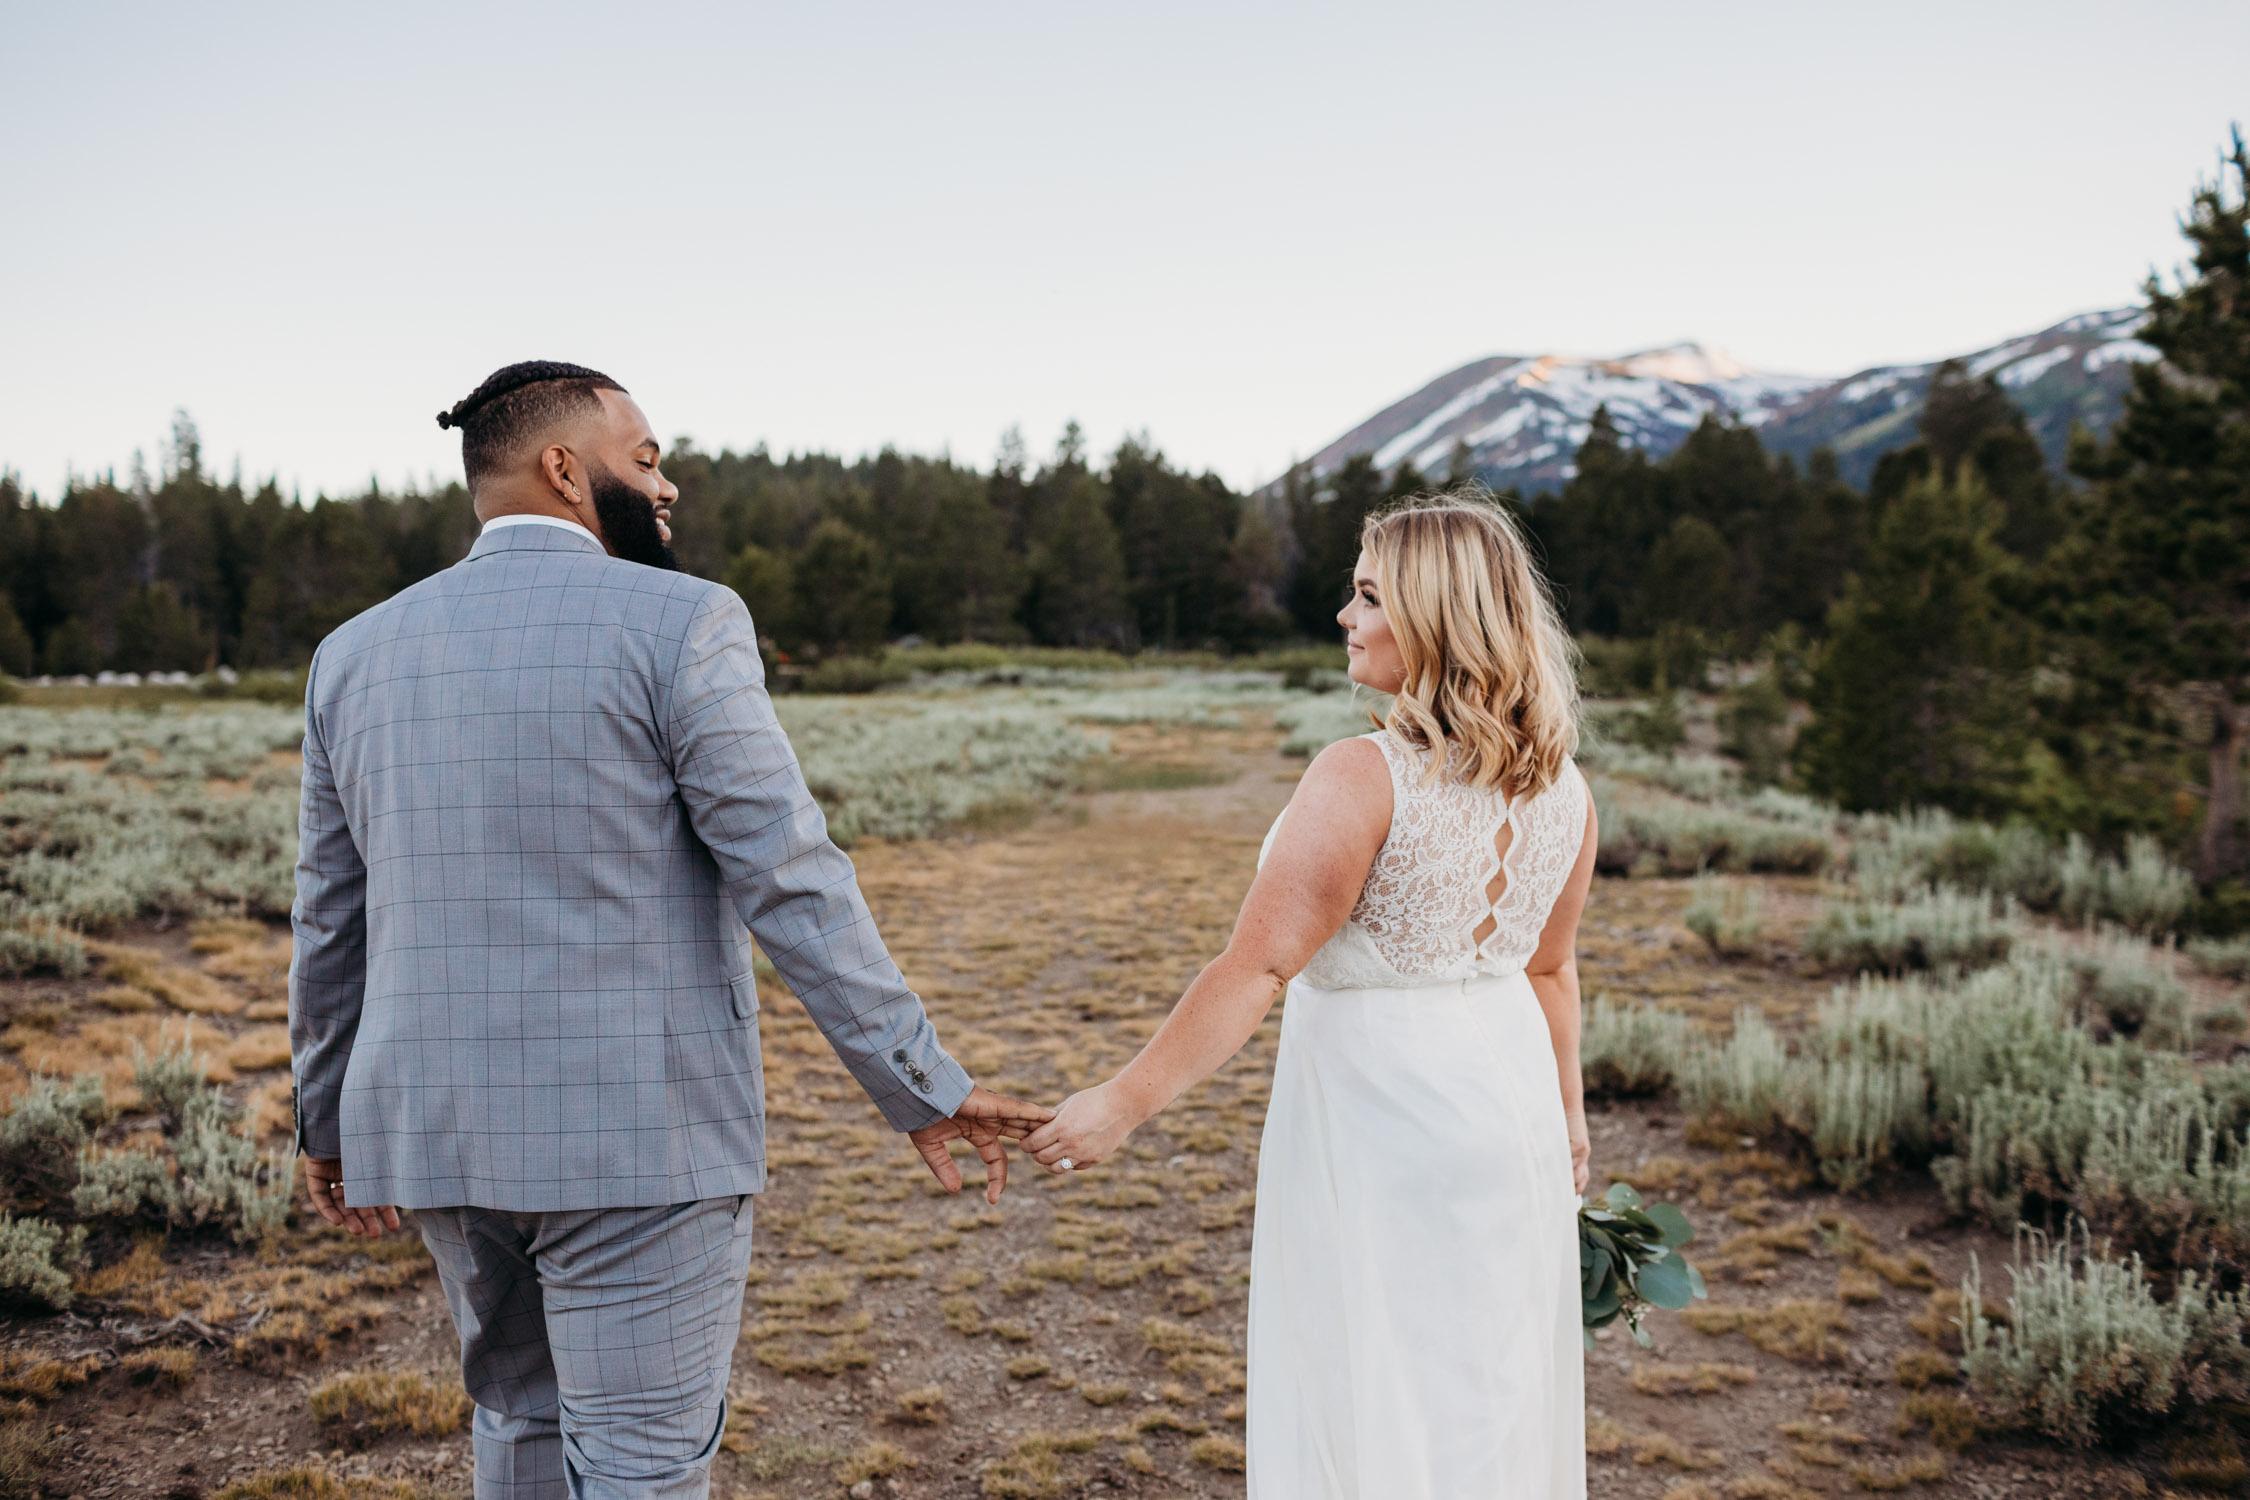 Lake-Tahoe-Hope-Valley-Elopement